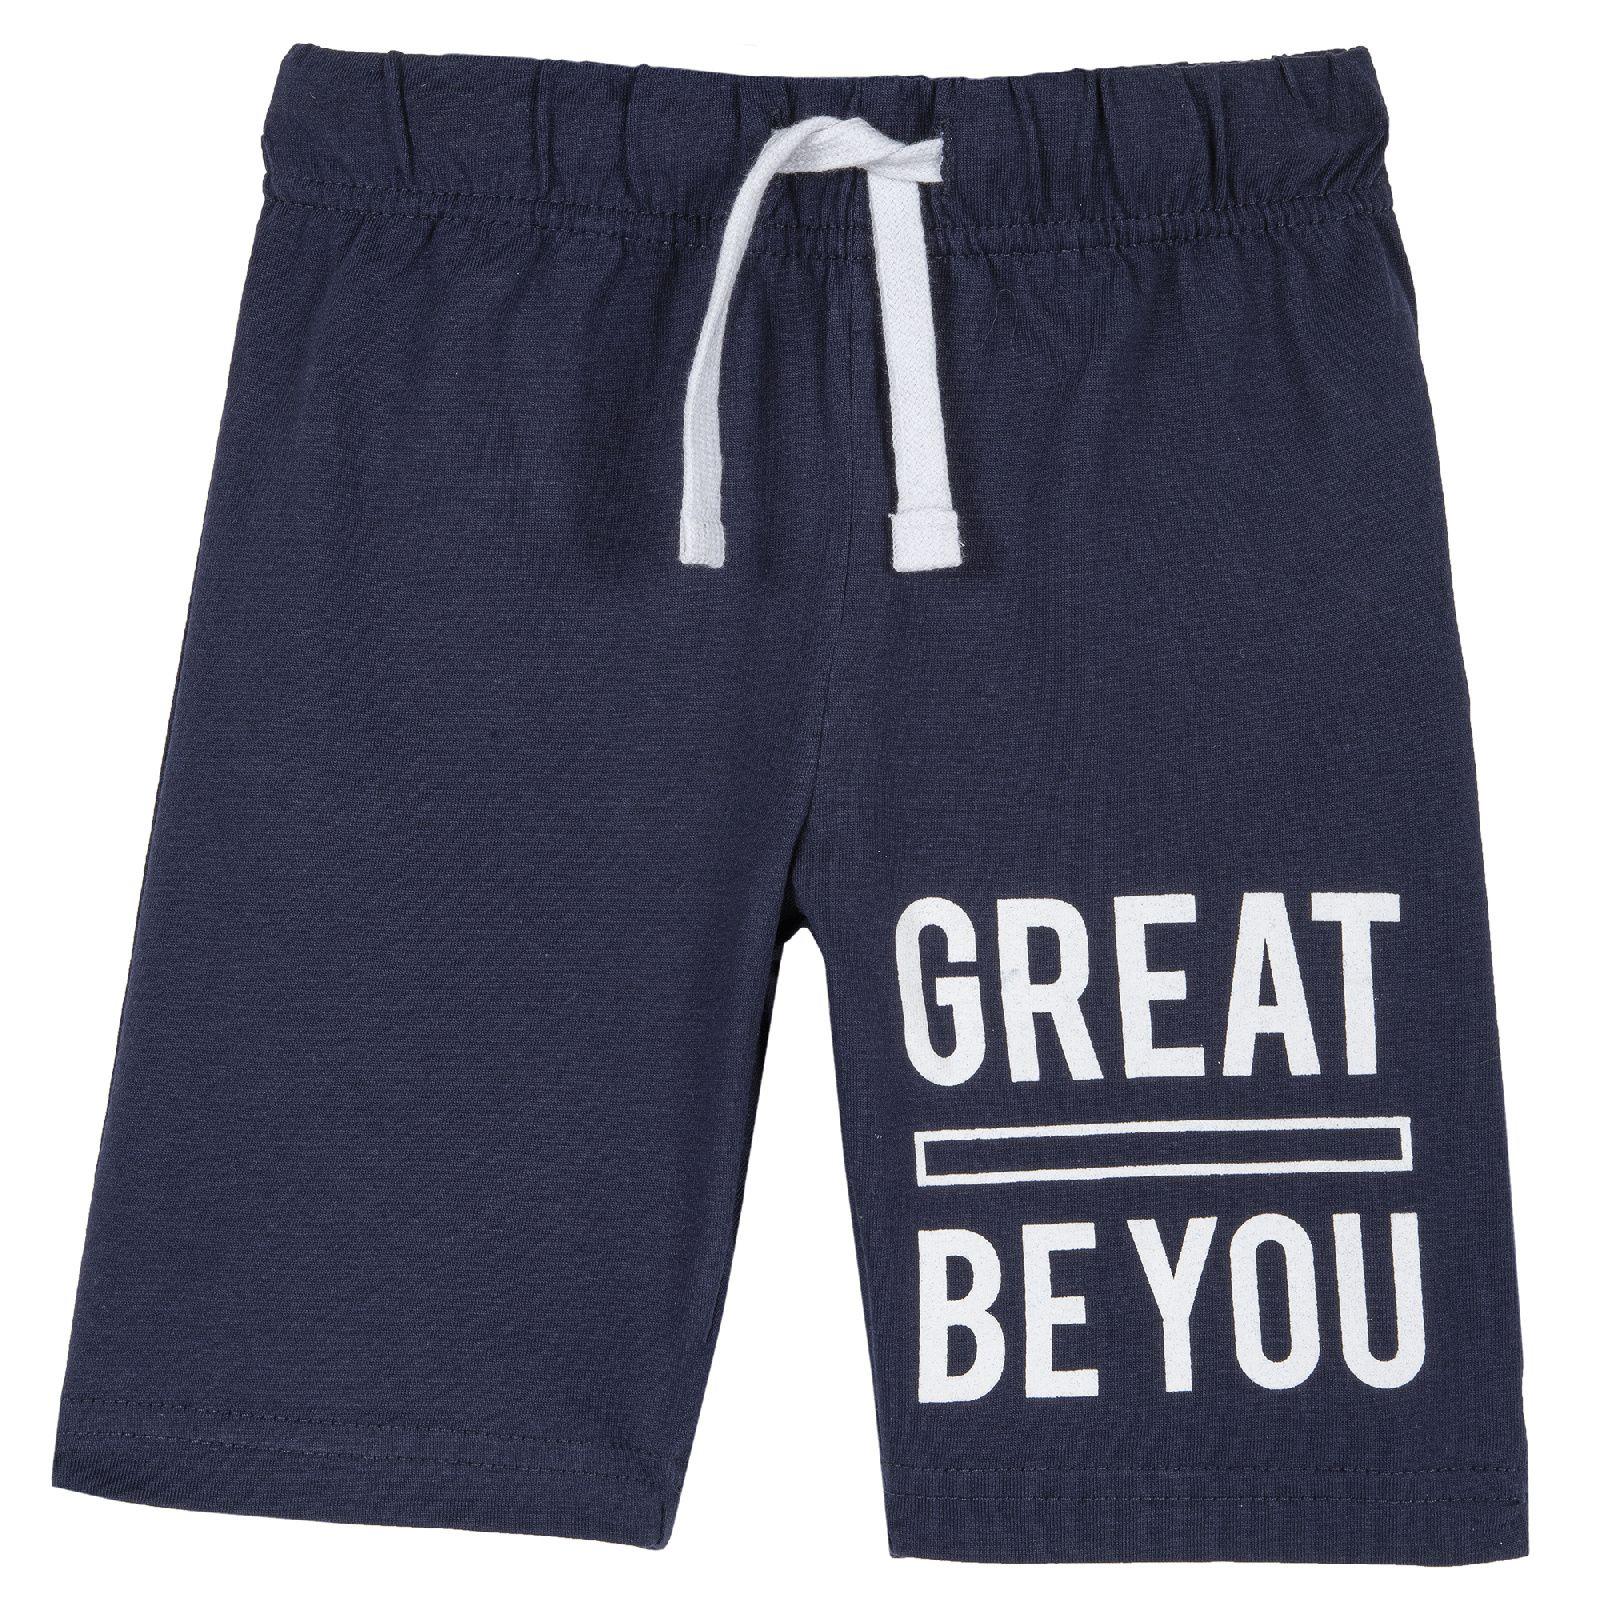 9052824, Шорты для мальчиков Chicco с надписью Great be you, цвет темно-синий, размер 92, Детские брюки и шорты  - купить со скидкой